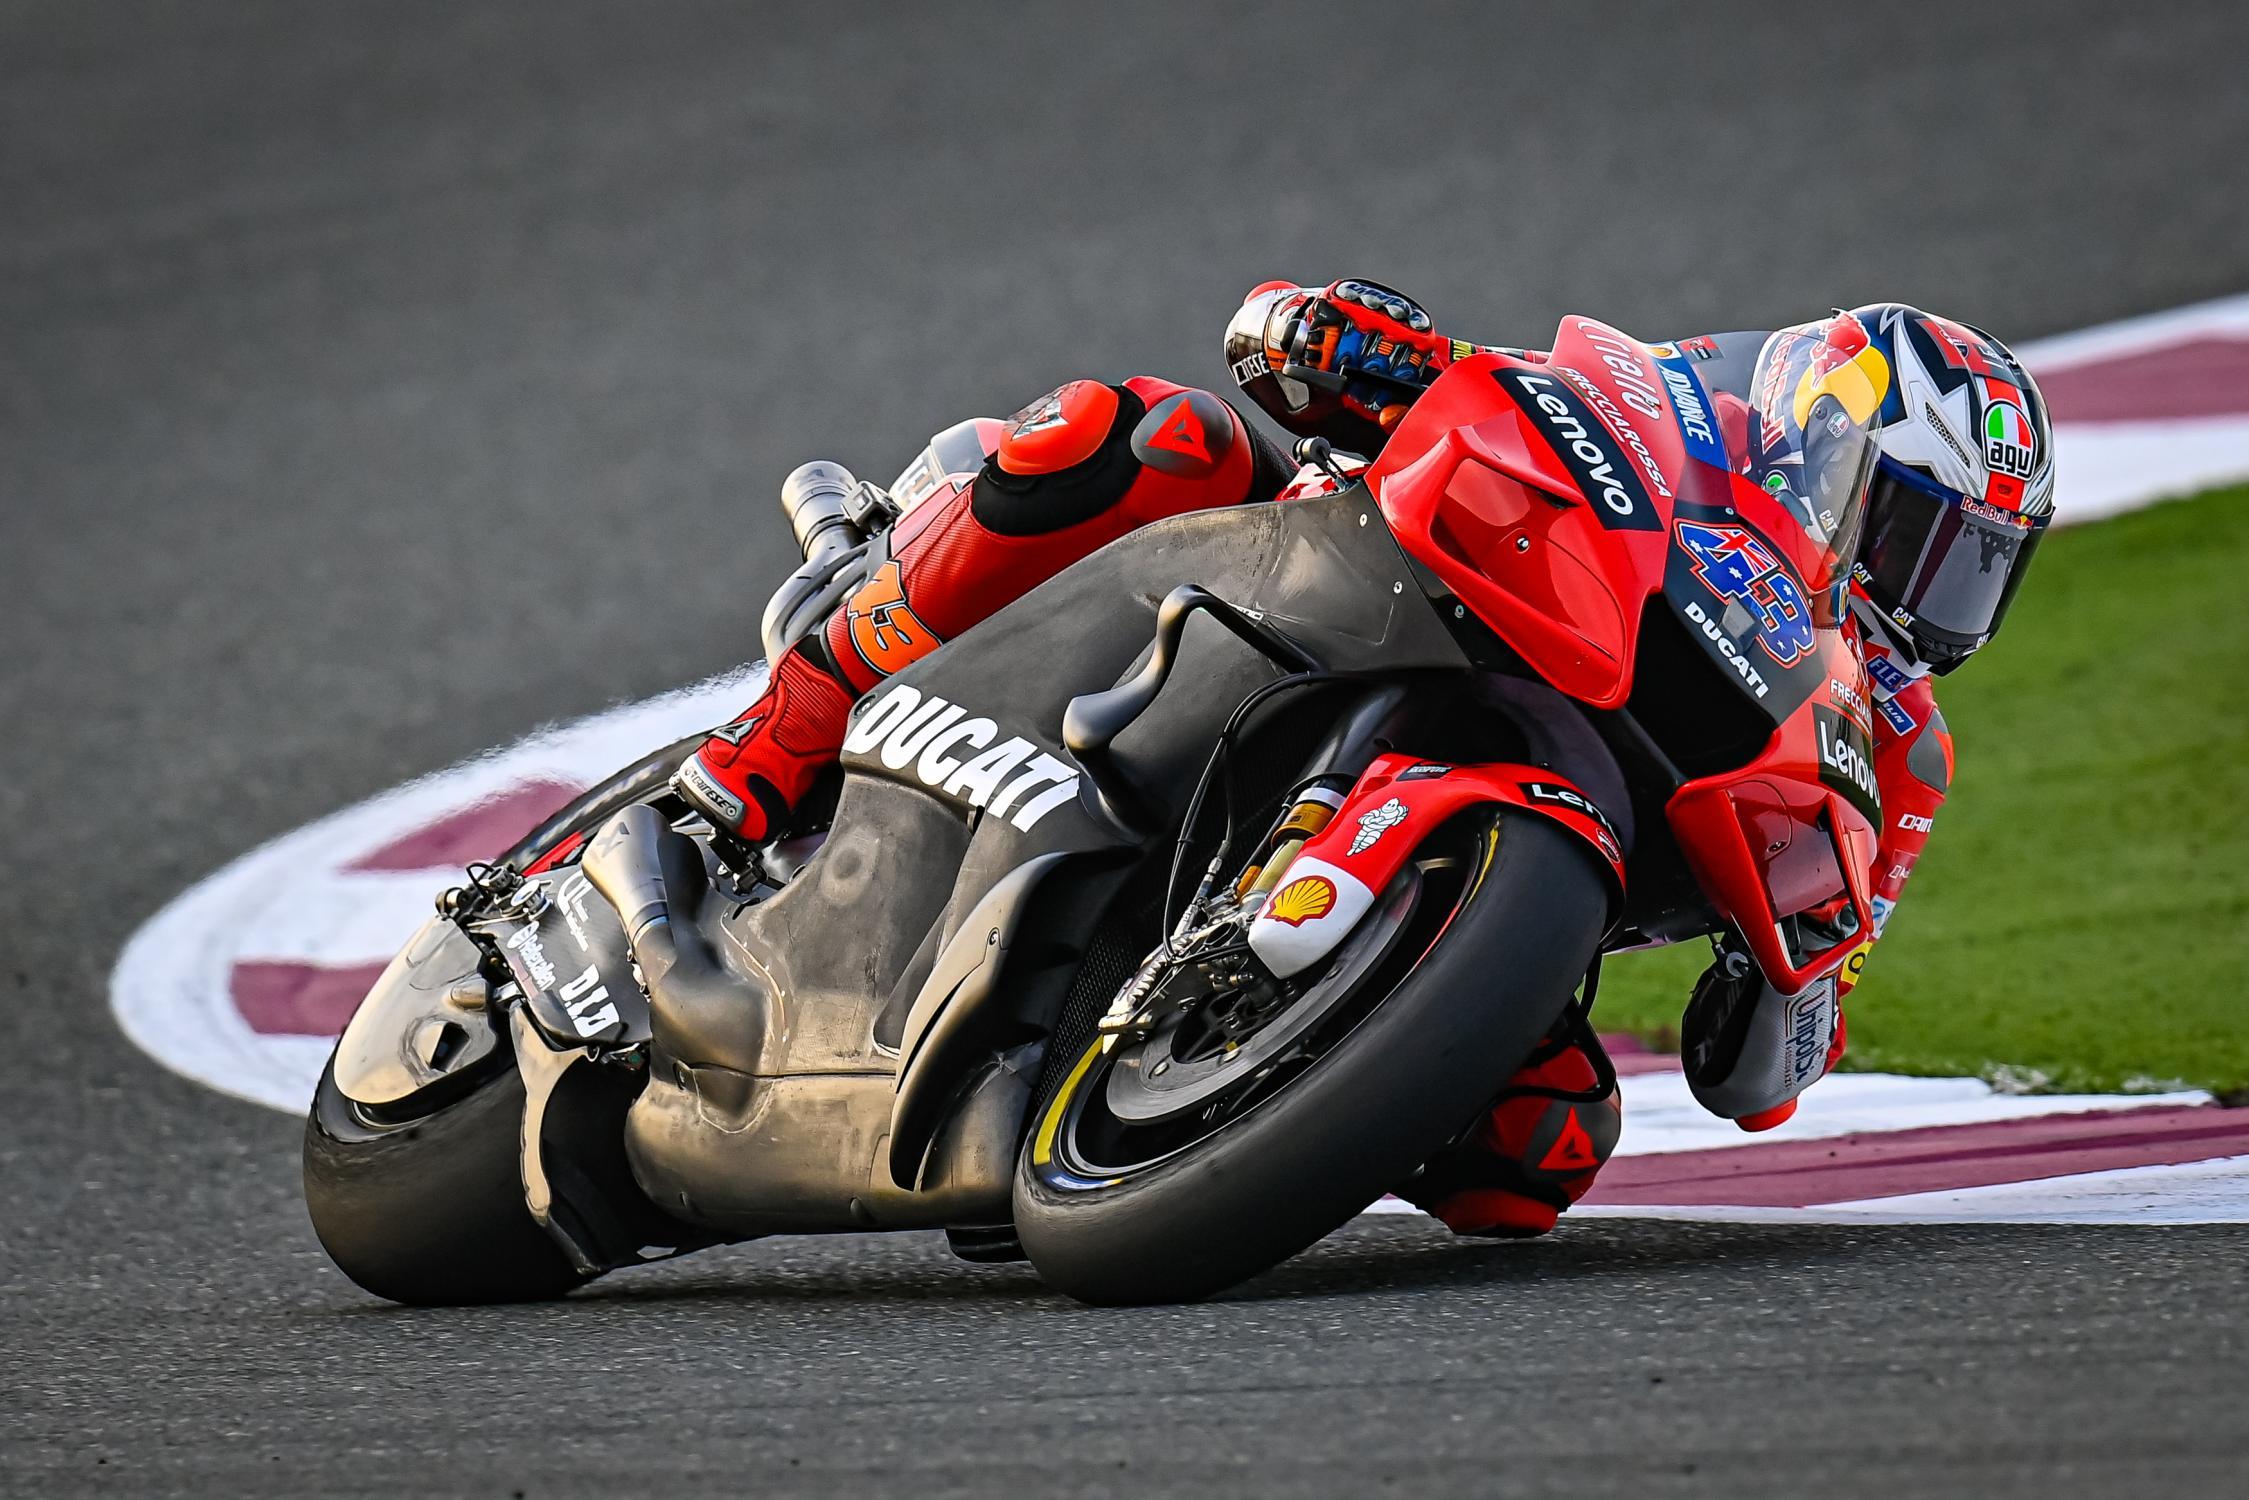 Jack Miller con su Ducati los más veloces en el Test de MotoGP 2021 en Qatar